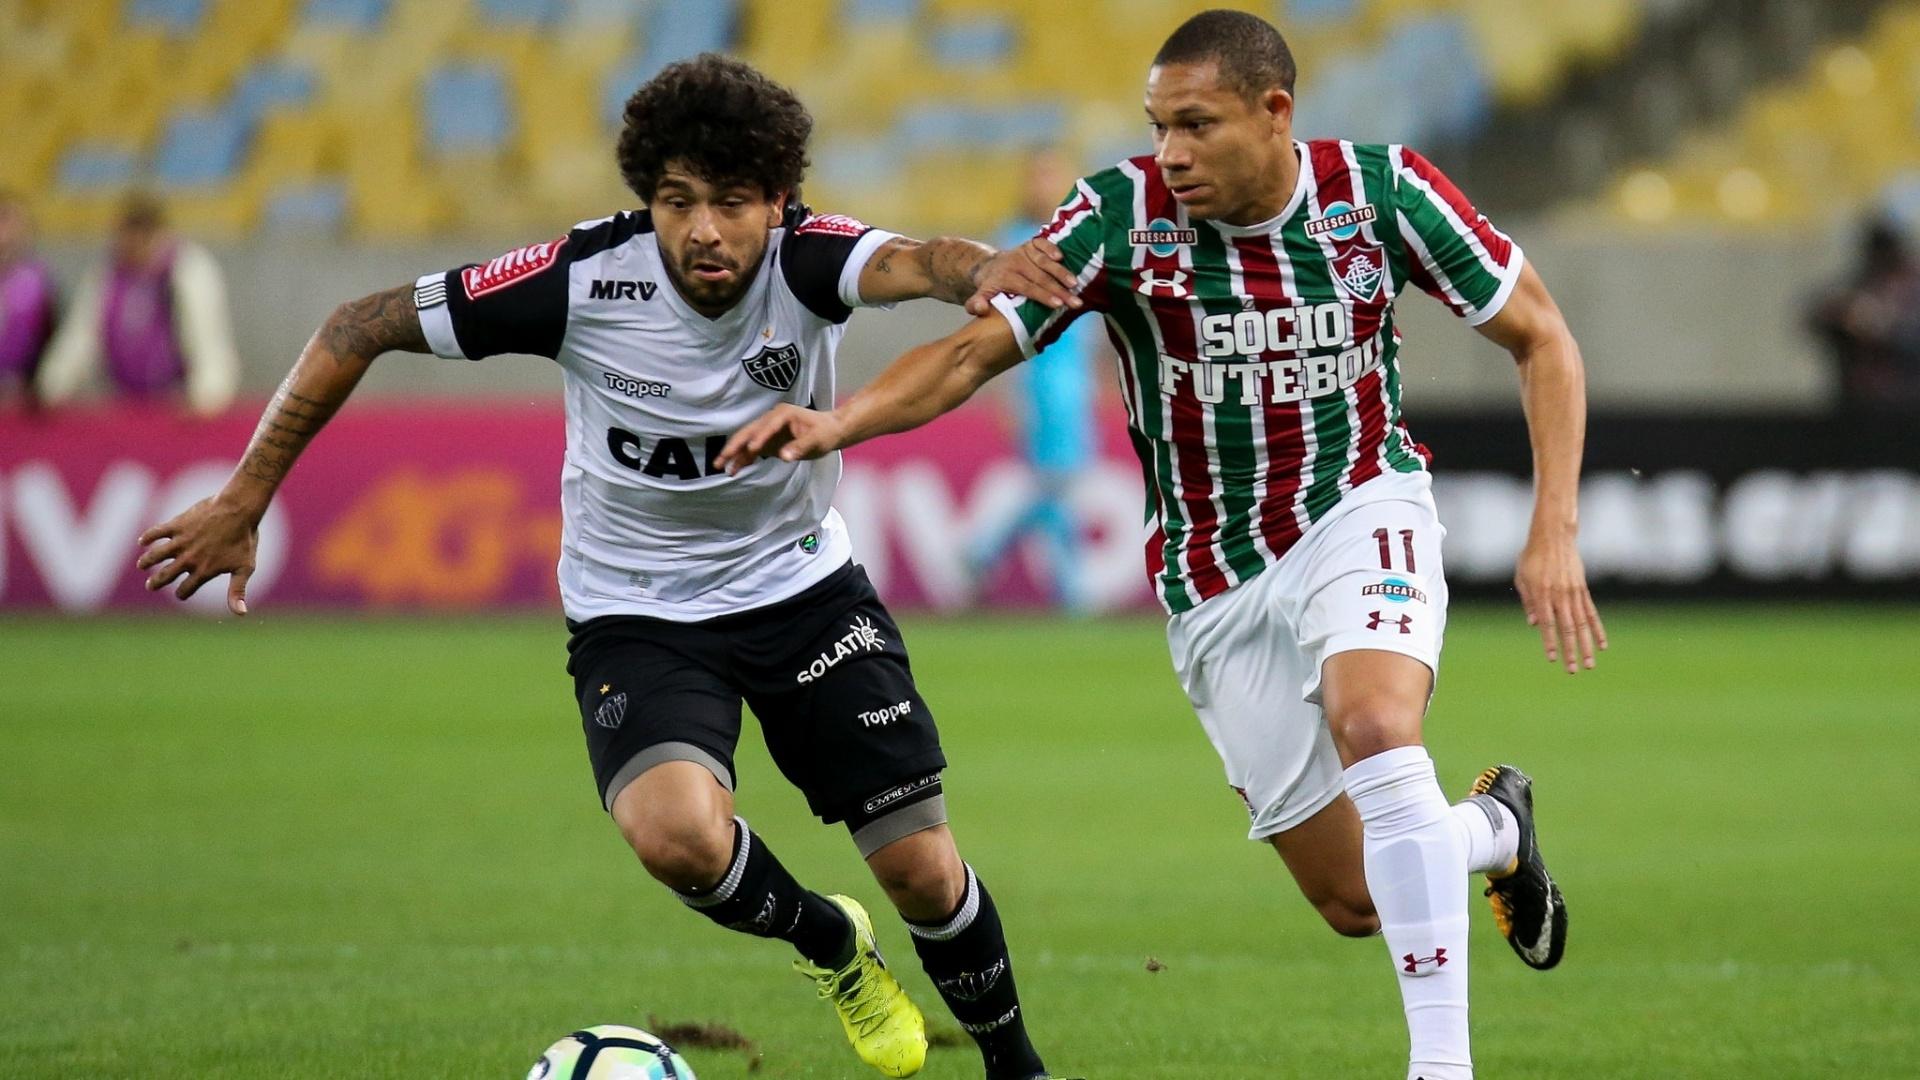 Luan, do Atlético-MG, e Wellington Silva, do Fluminense, disputam bola em jogo pelo Campeonato Brasileiro